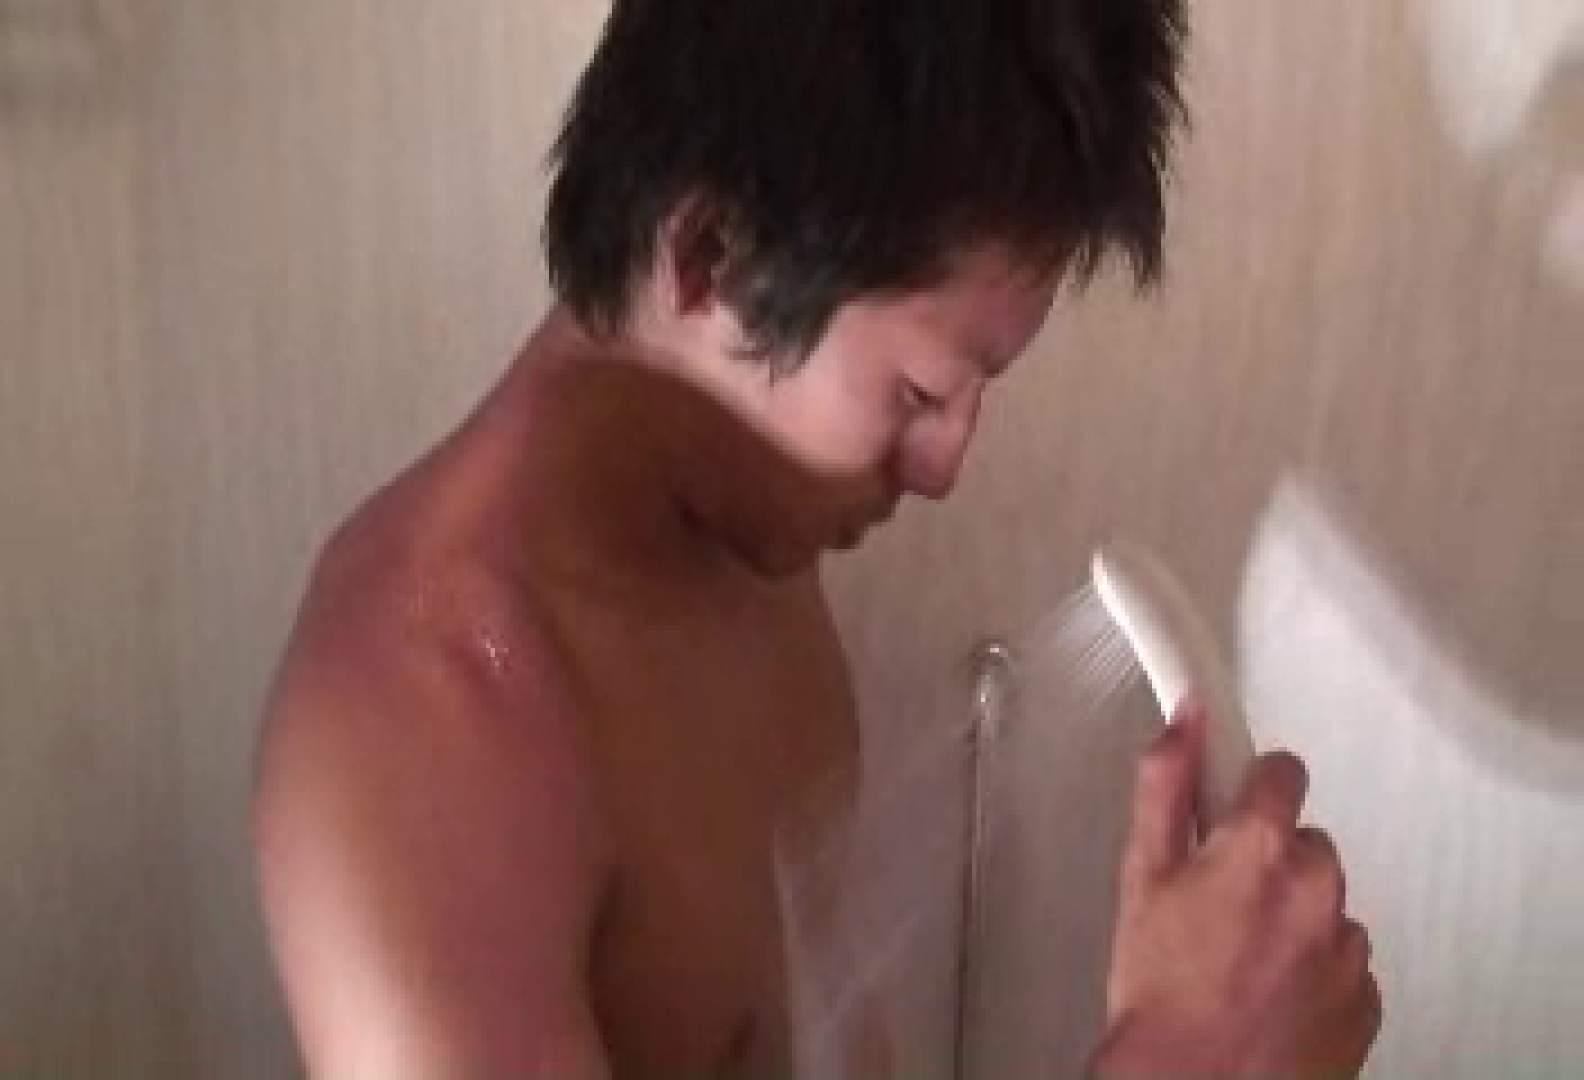 体育会系!!ノンケ肉体美メンズの挑戦!VOL.02 フェラ ゲイフリーエロ画像 89枚 5